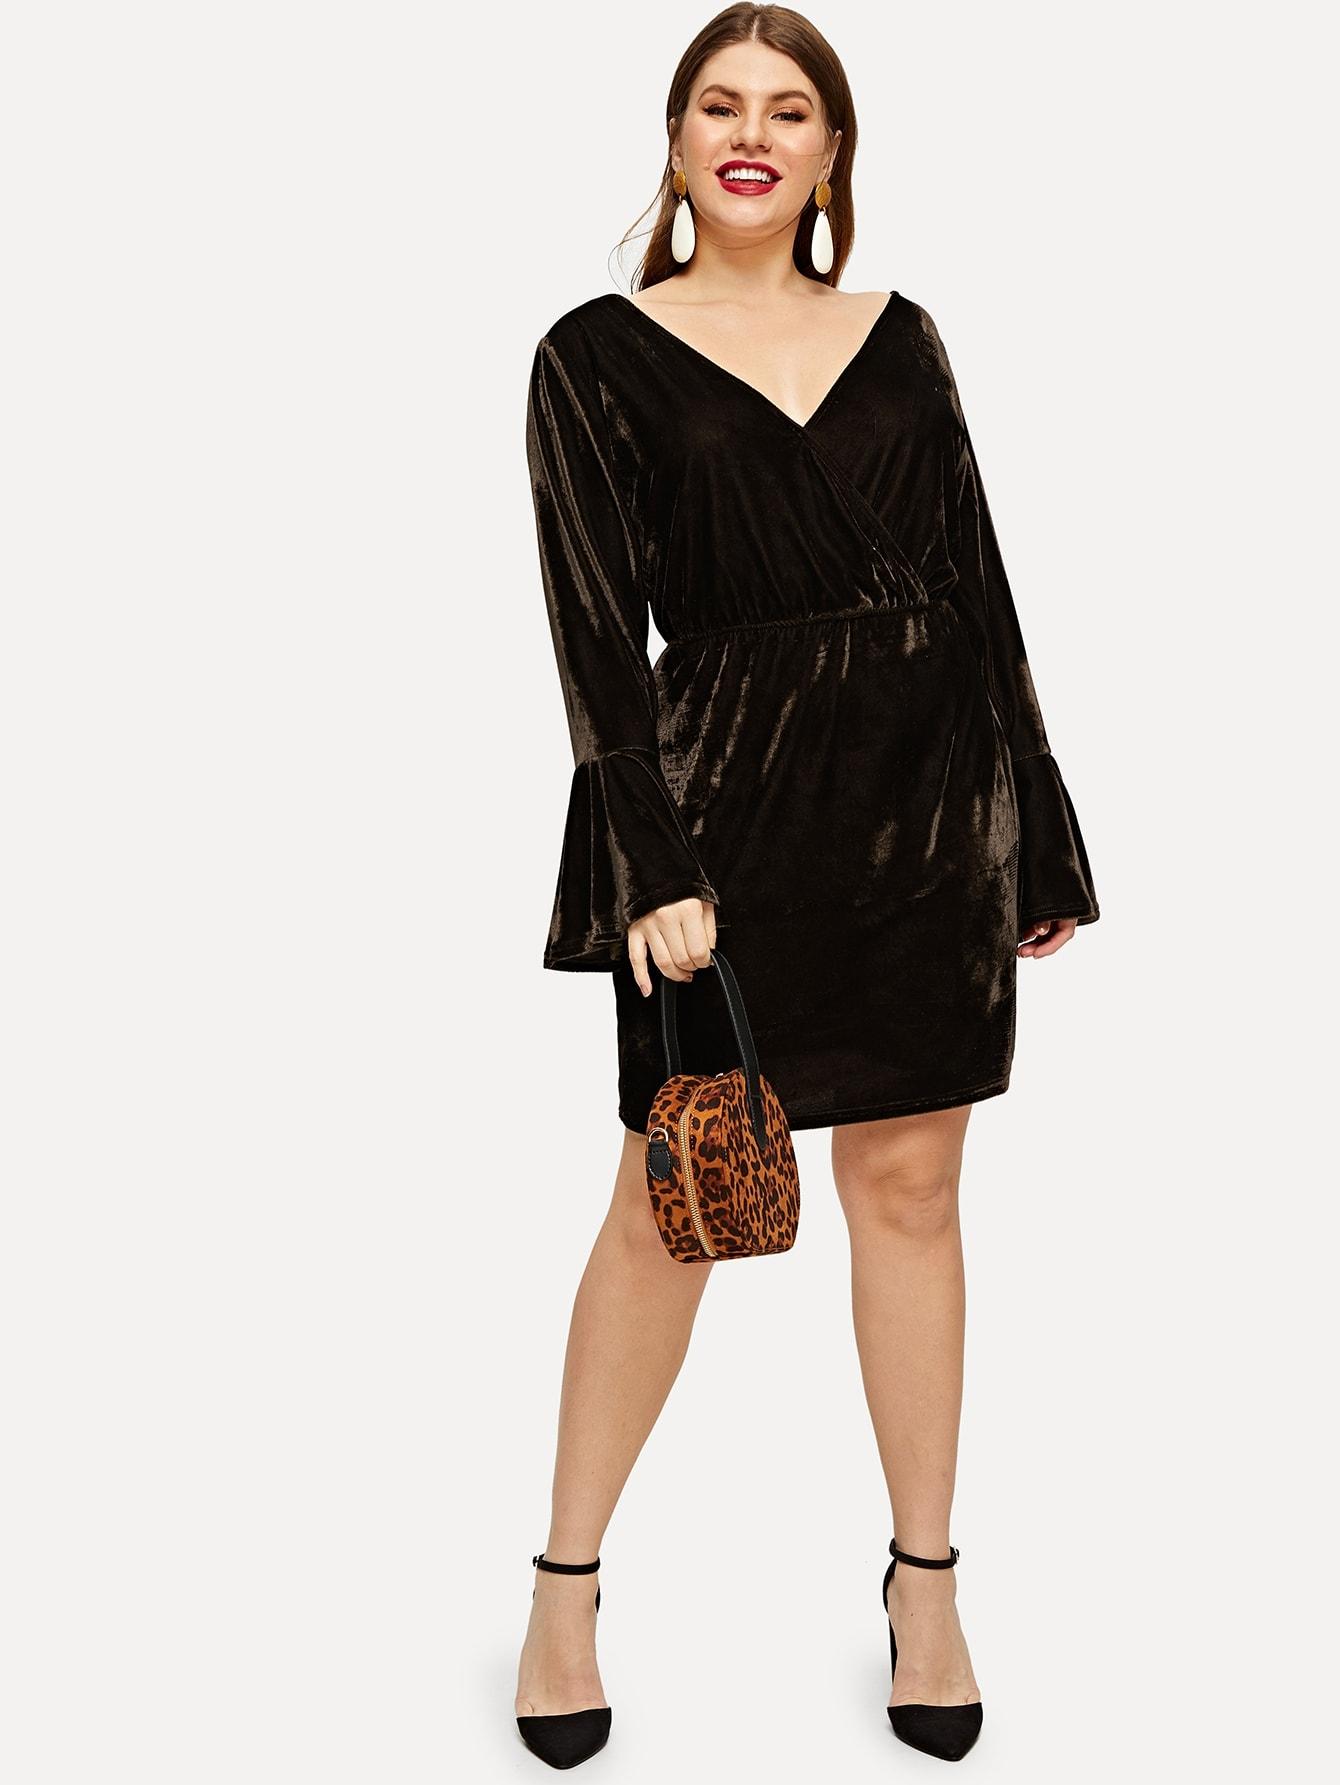 Платье с слоистыми воланоми рукавами v задняя размера плюс, Isabela, SheIn  - купить со скидкой